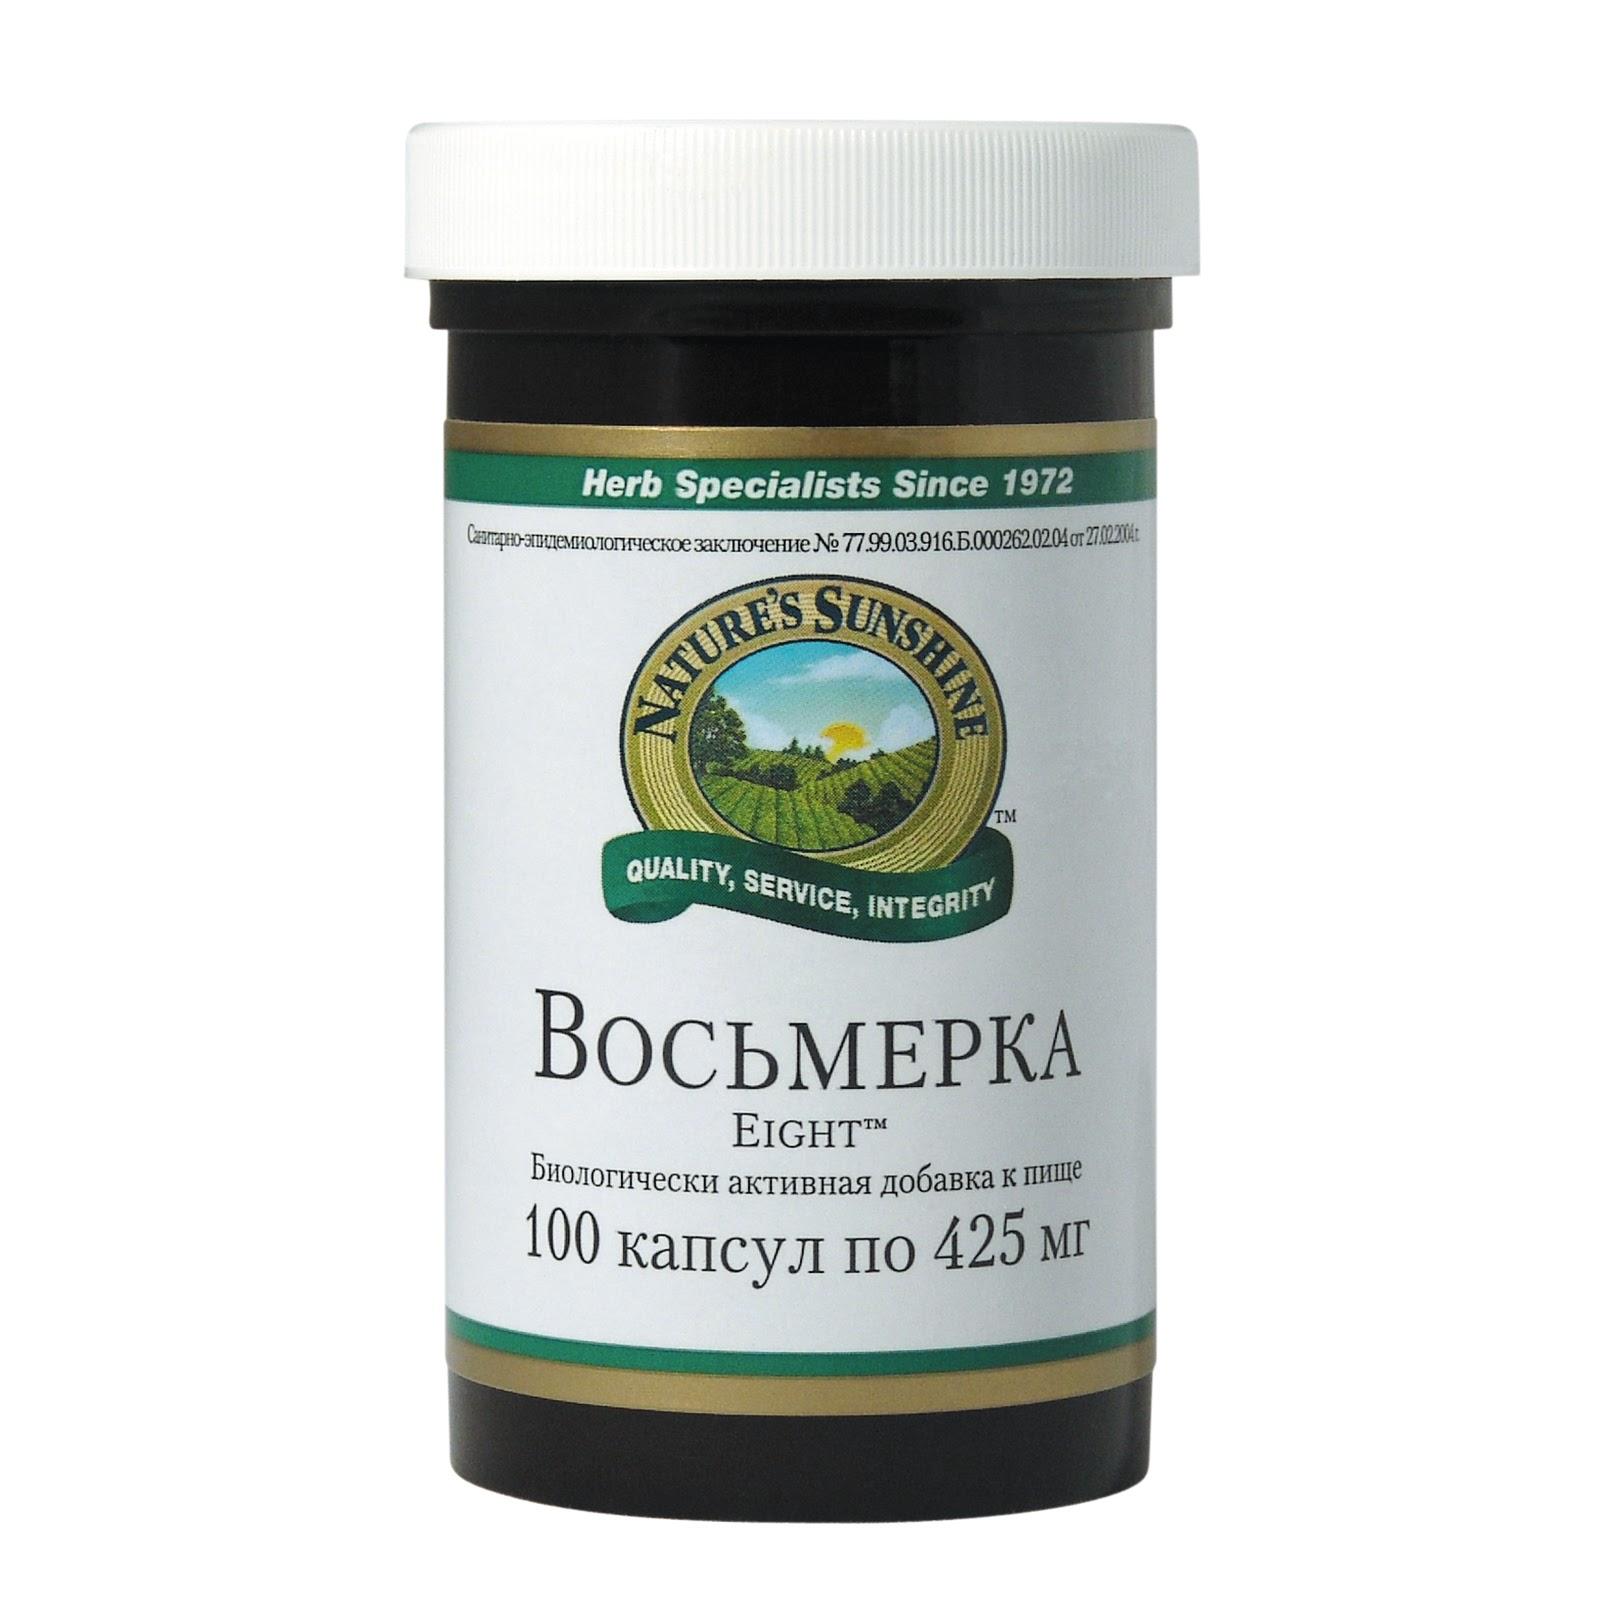 берберина бисульфат инструкция применения